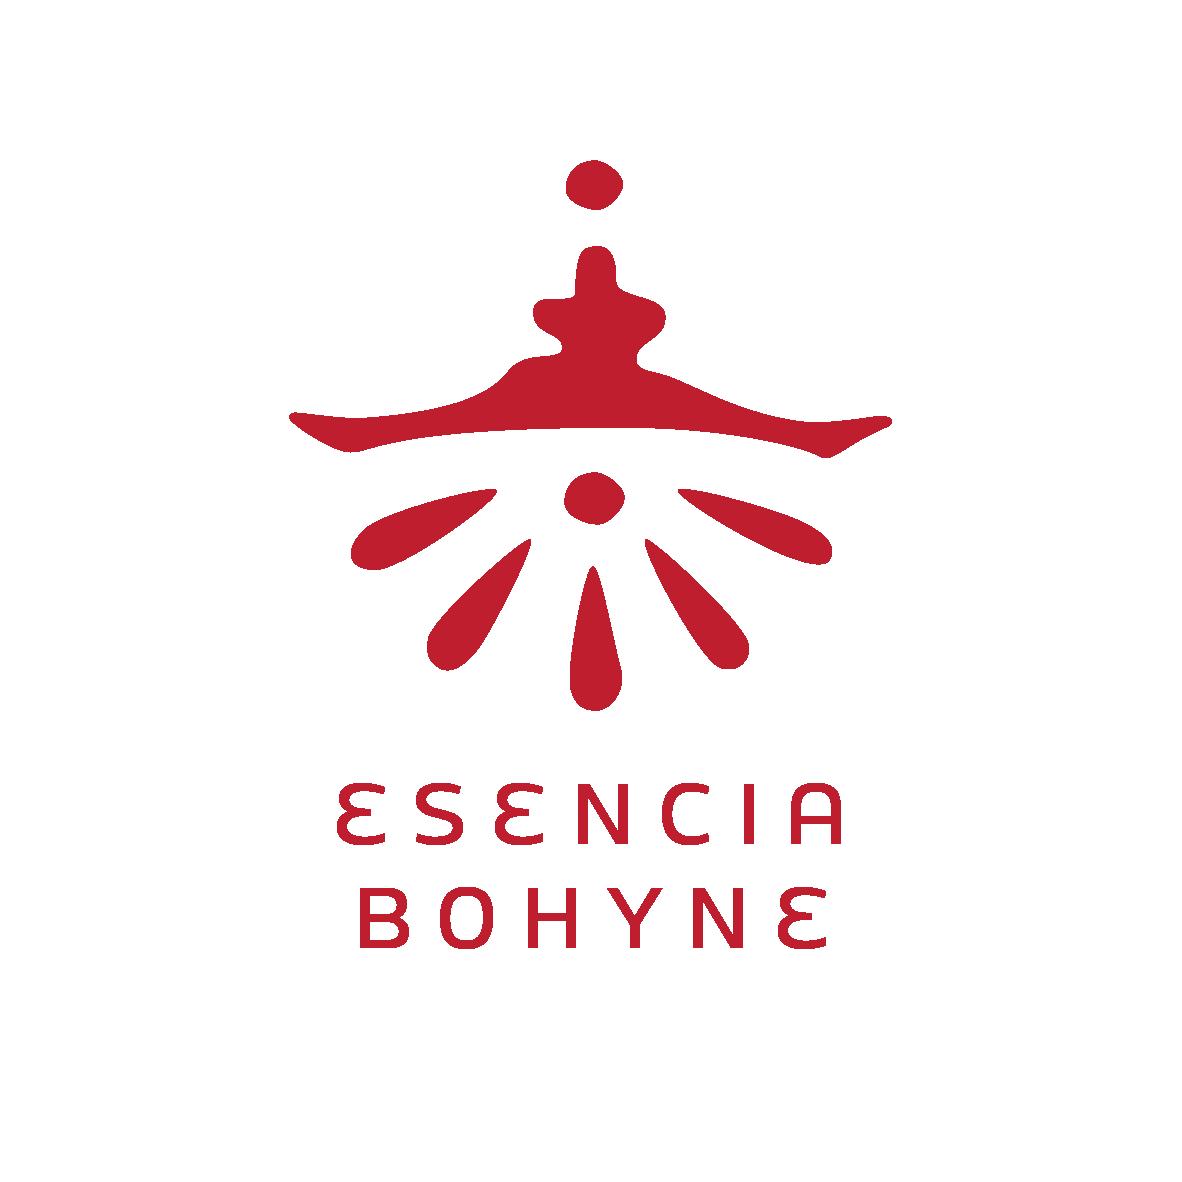 Esencia Bohyne